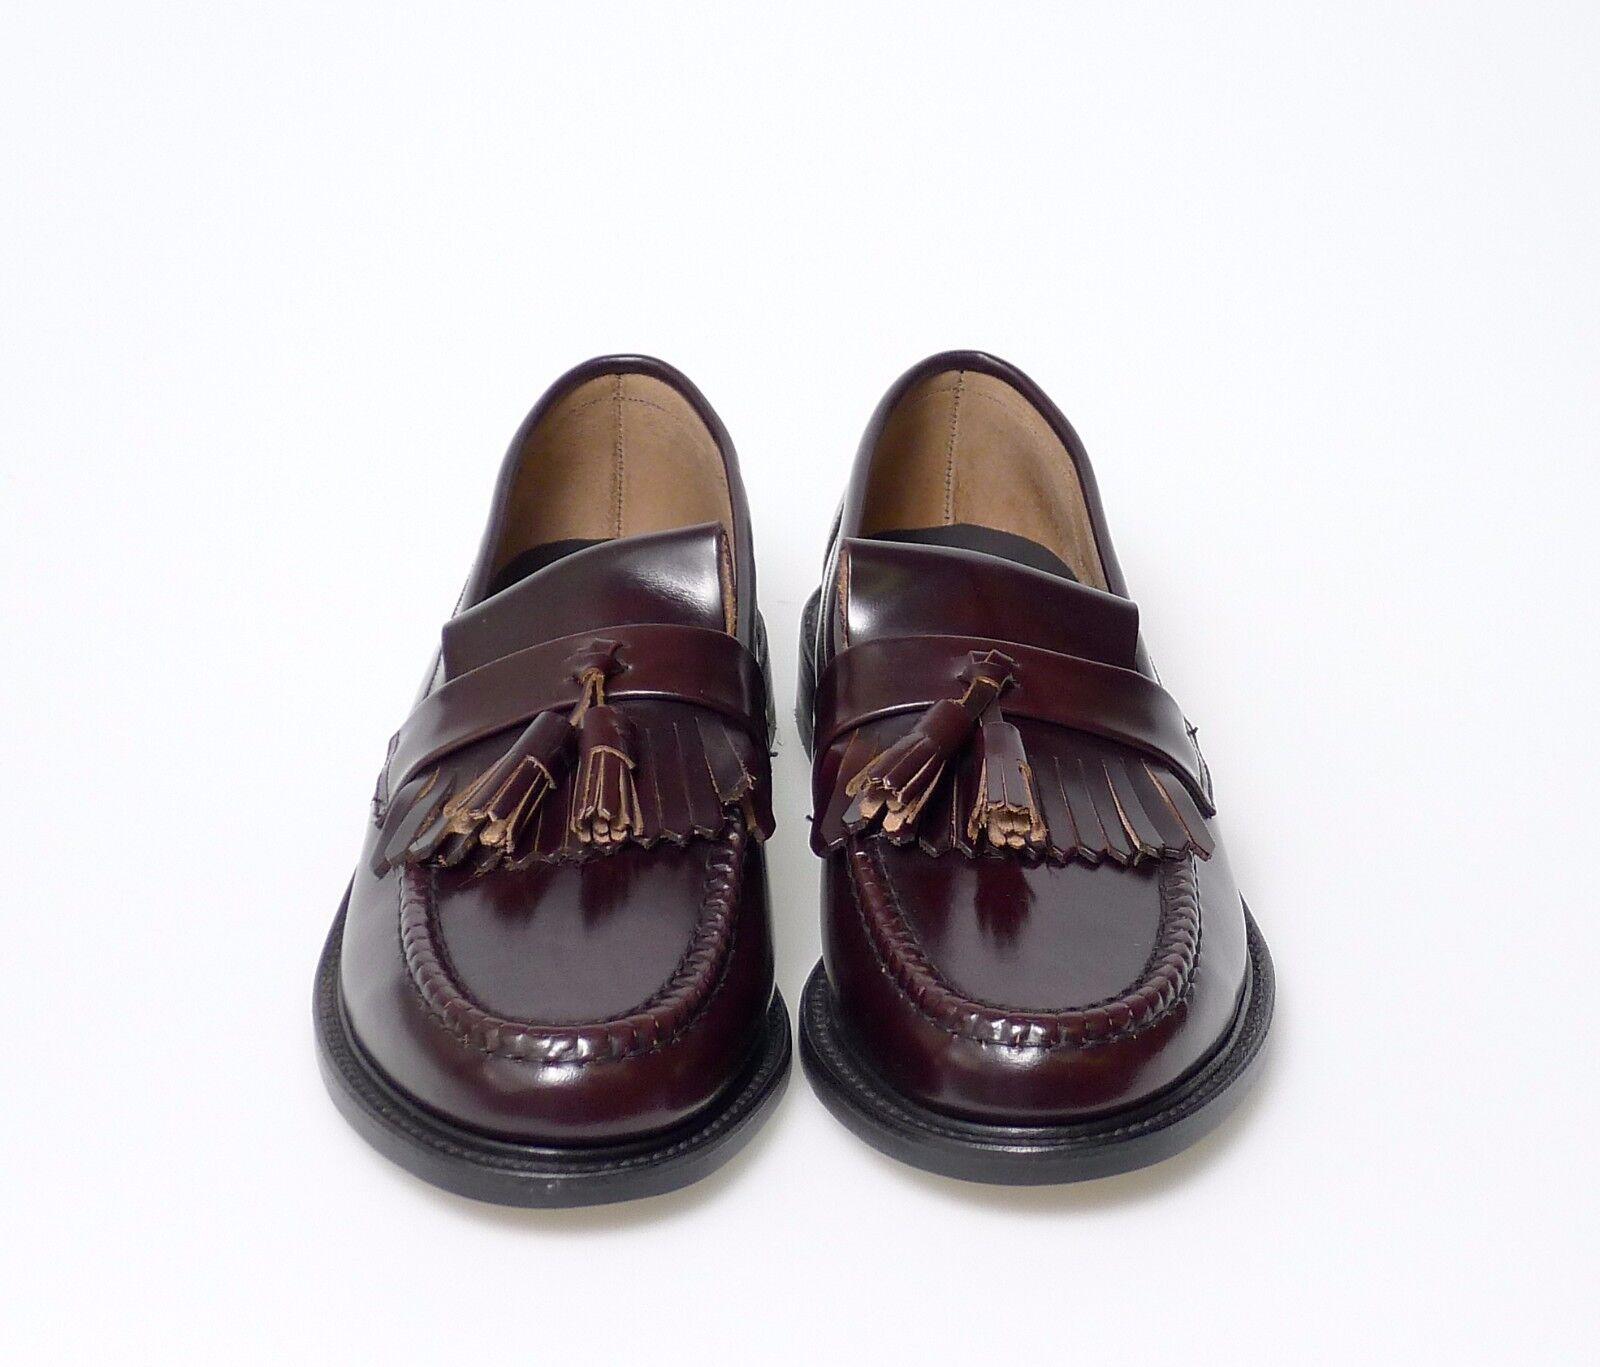 Loake Brighton Oxblood Leather Tassel Loafers (see Tallas)